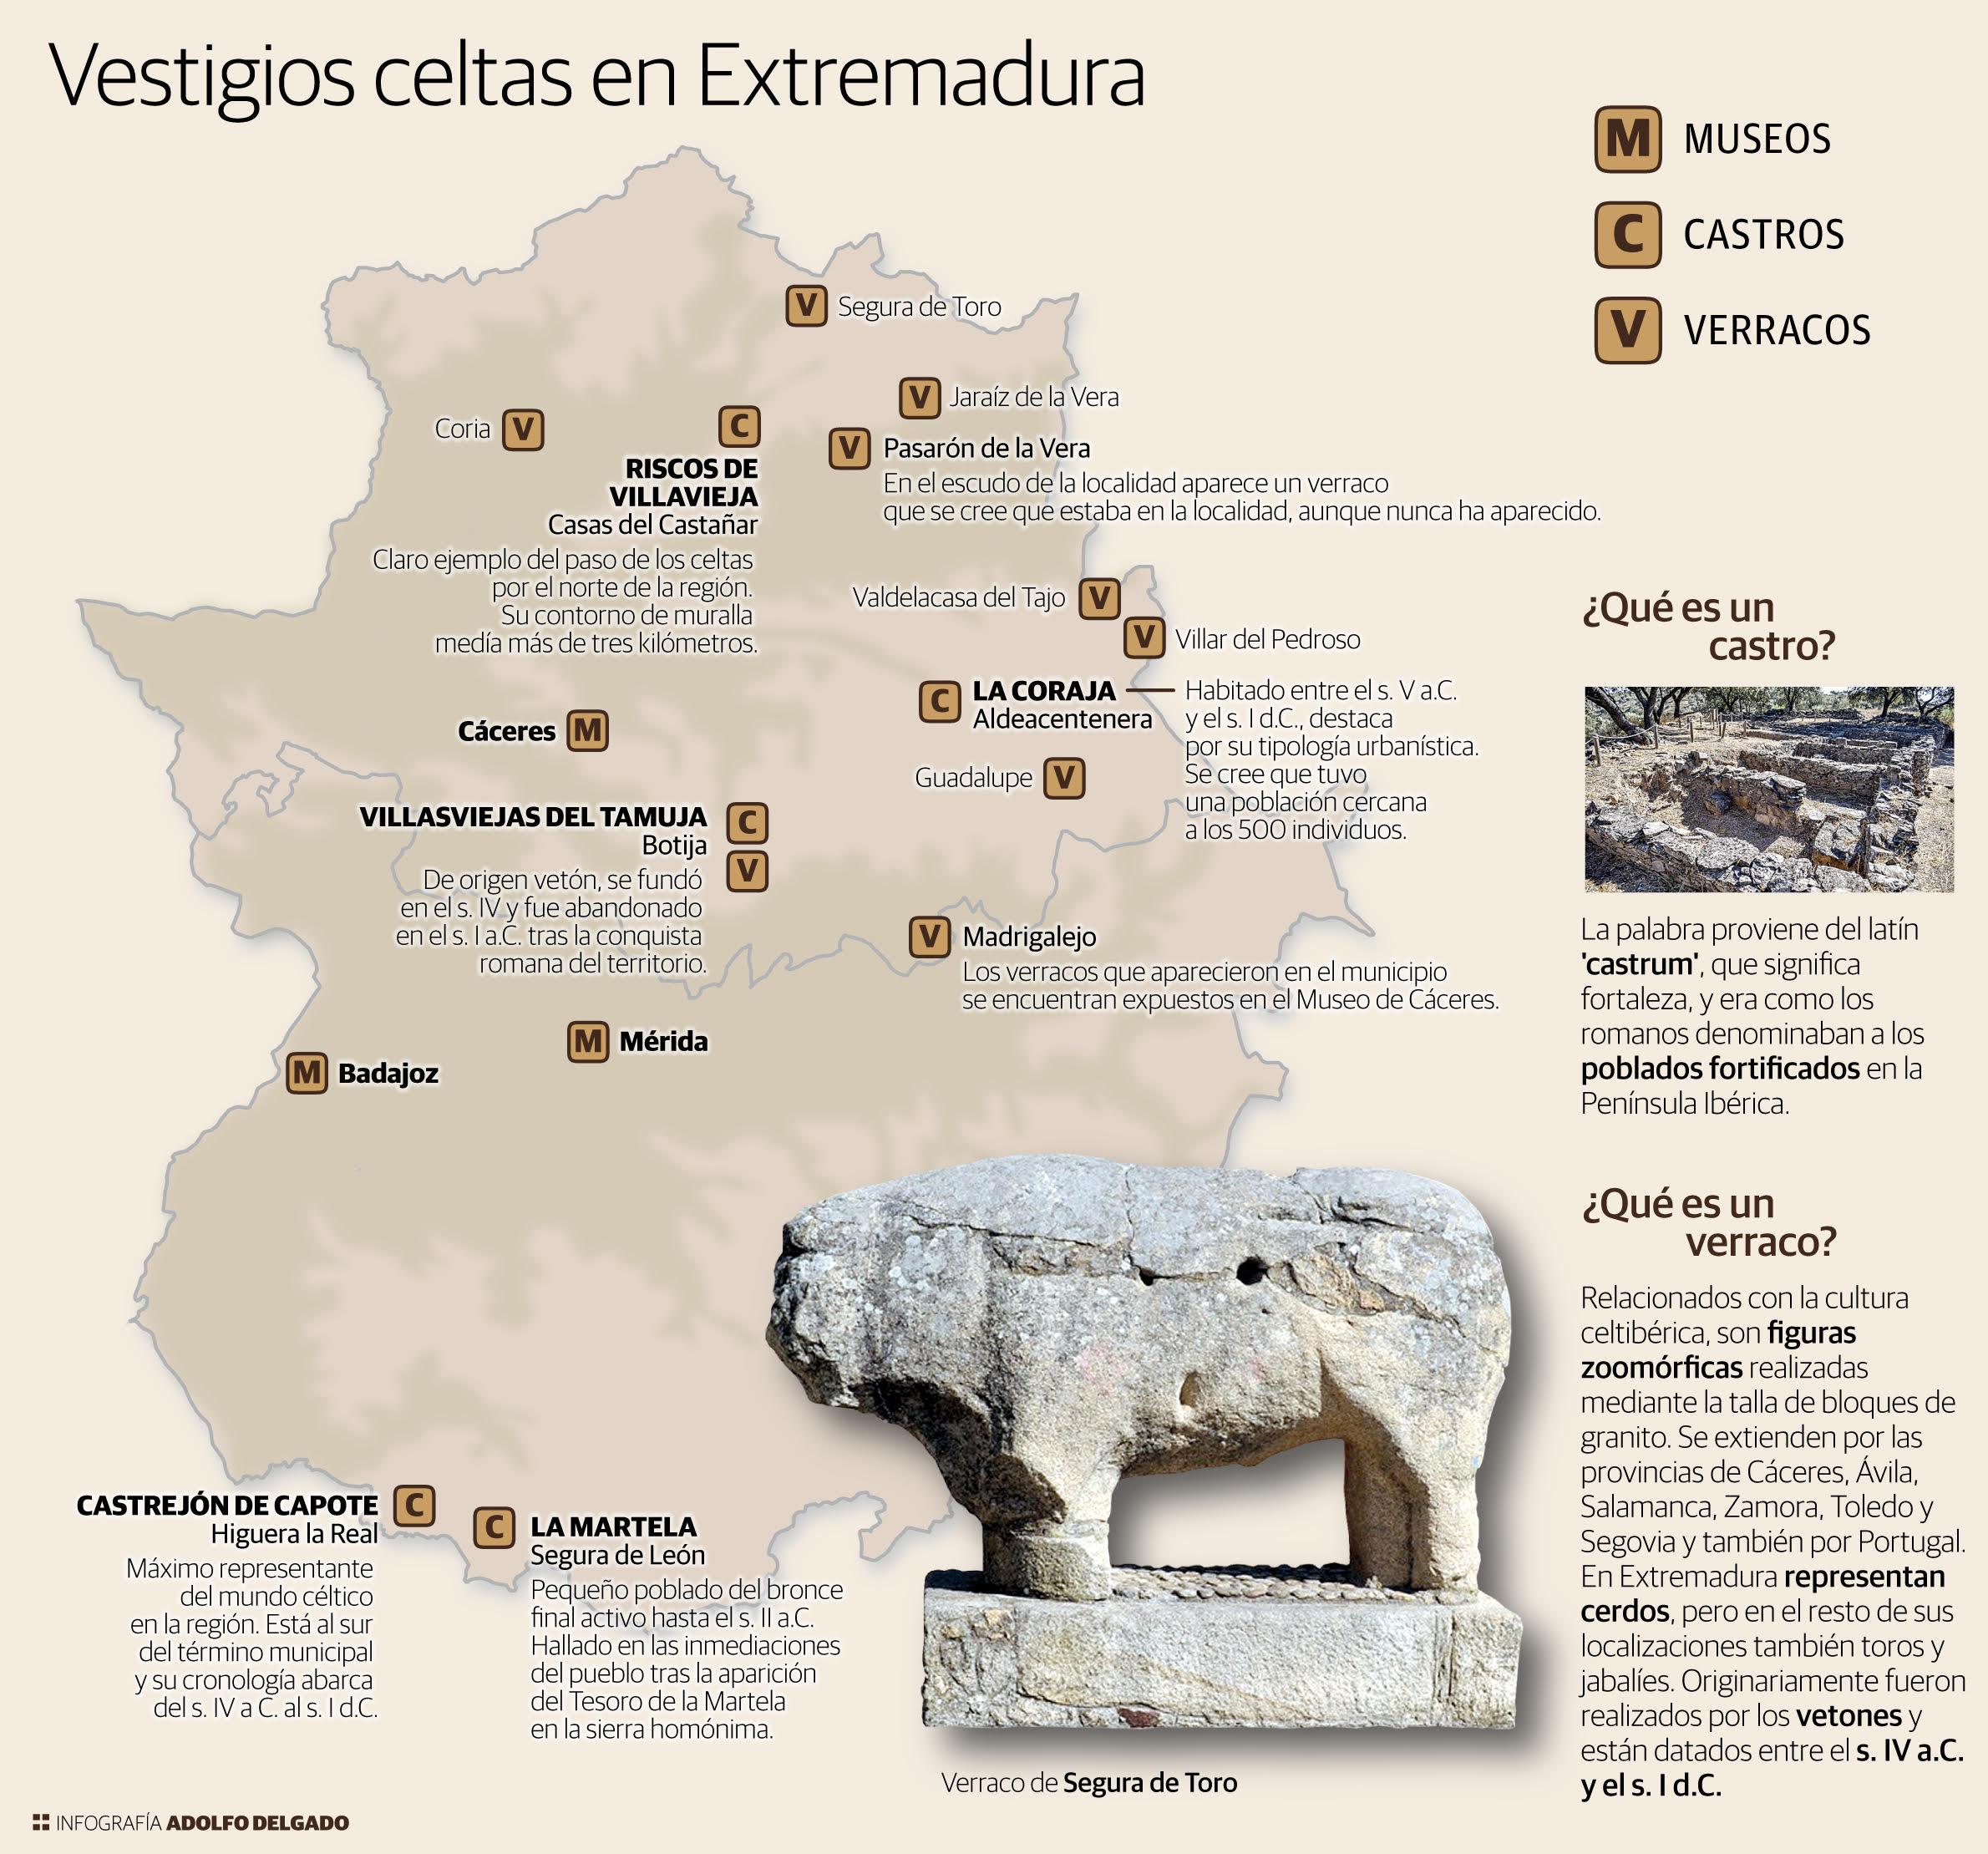 Vestigios celtas de Extremadura